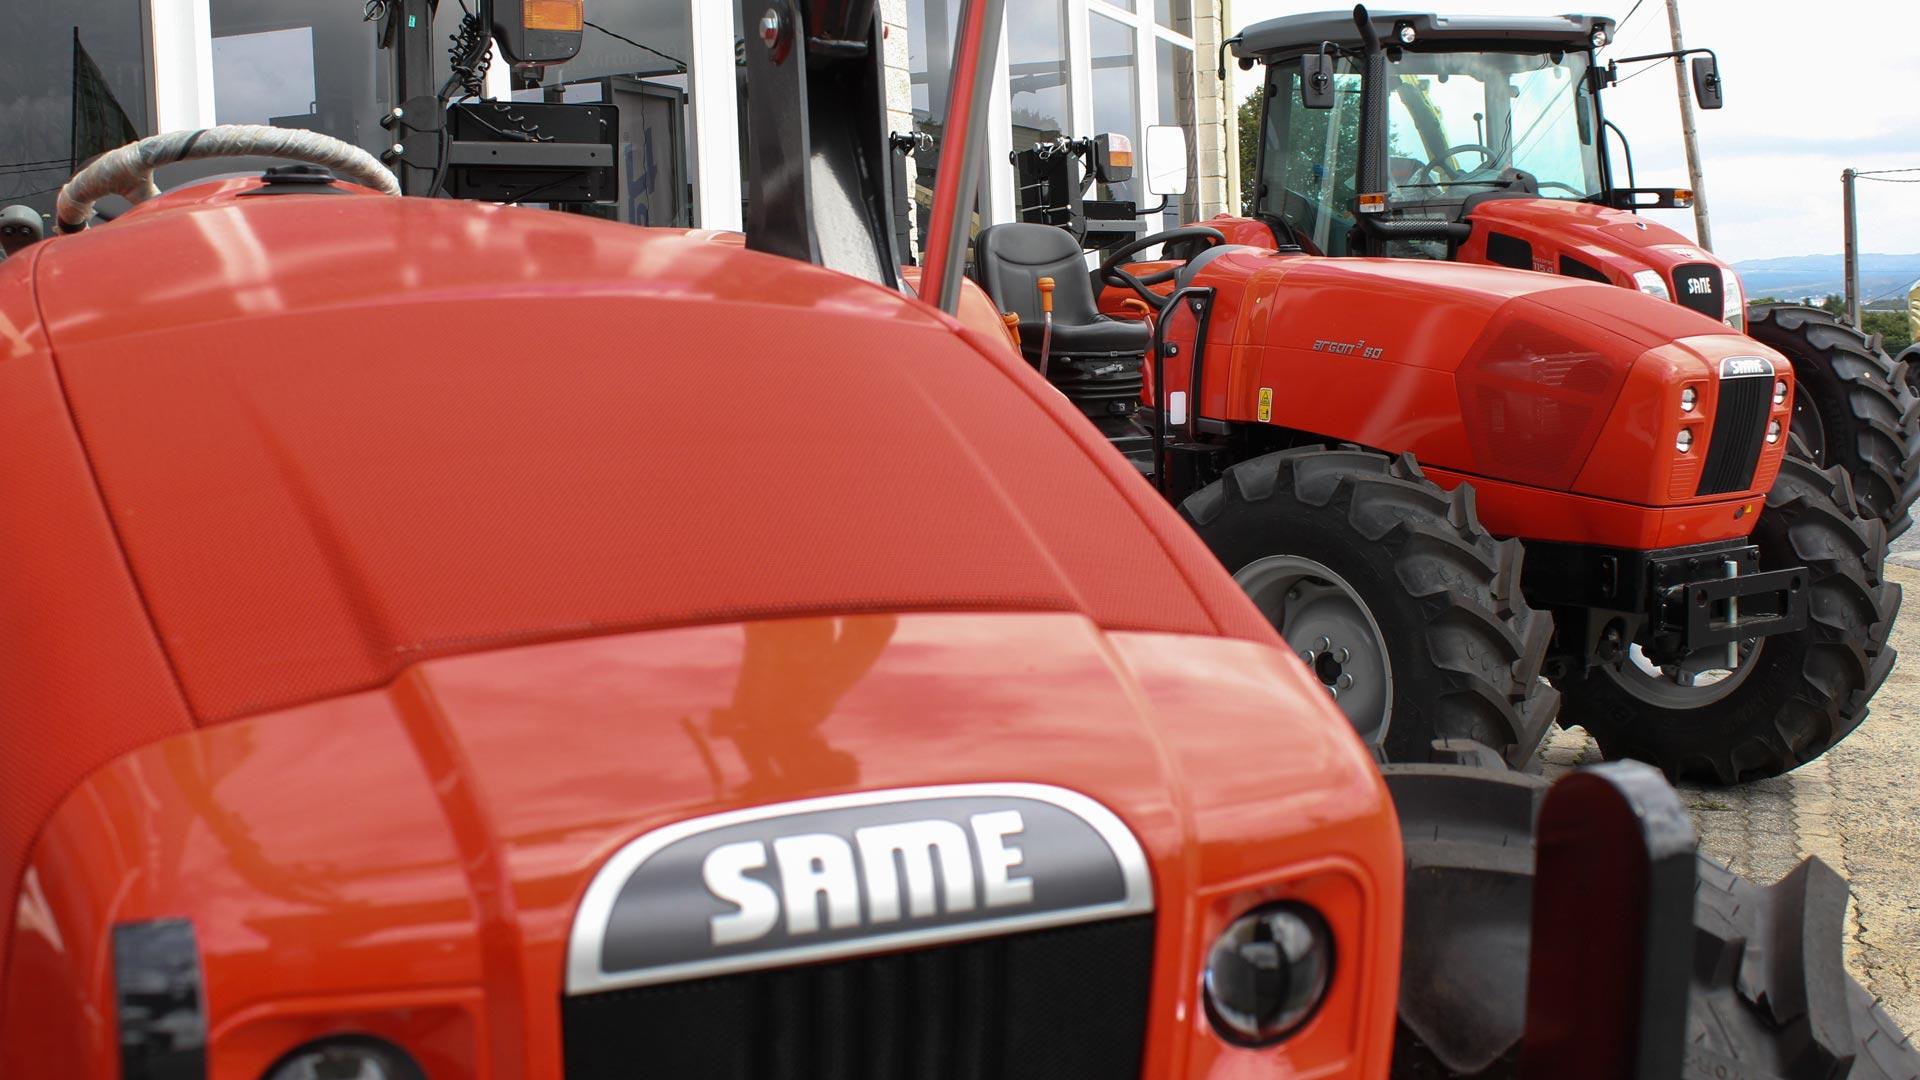 Ayudas para la compra de maquinaria agricola en regimen asociativo